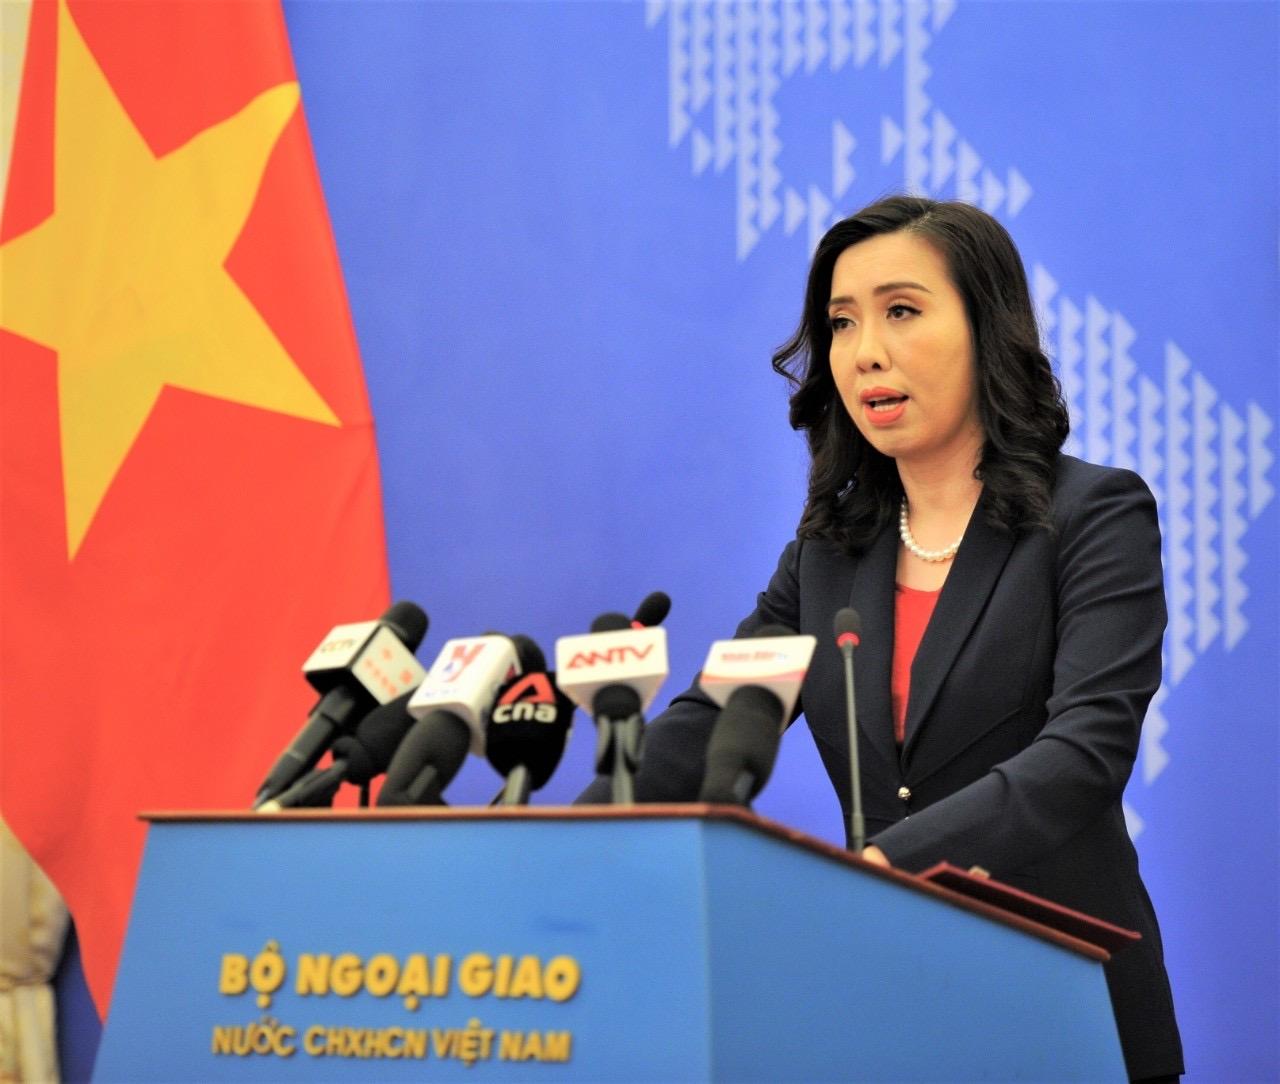 Các doanh nghiệp cần tôn trọng chủ quyền của Việt Nam đối với hai quần đảo Hoàng Sa và Trường Sa